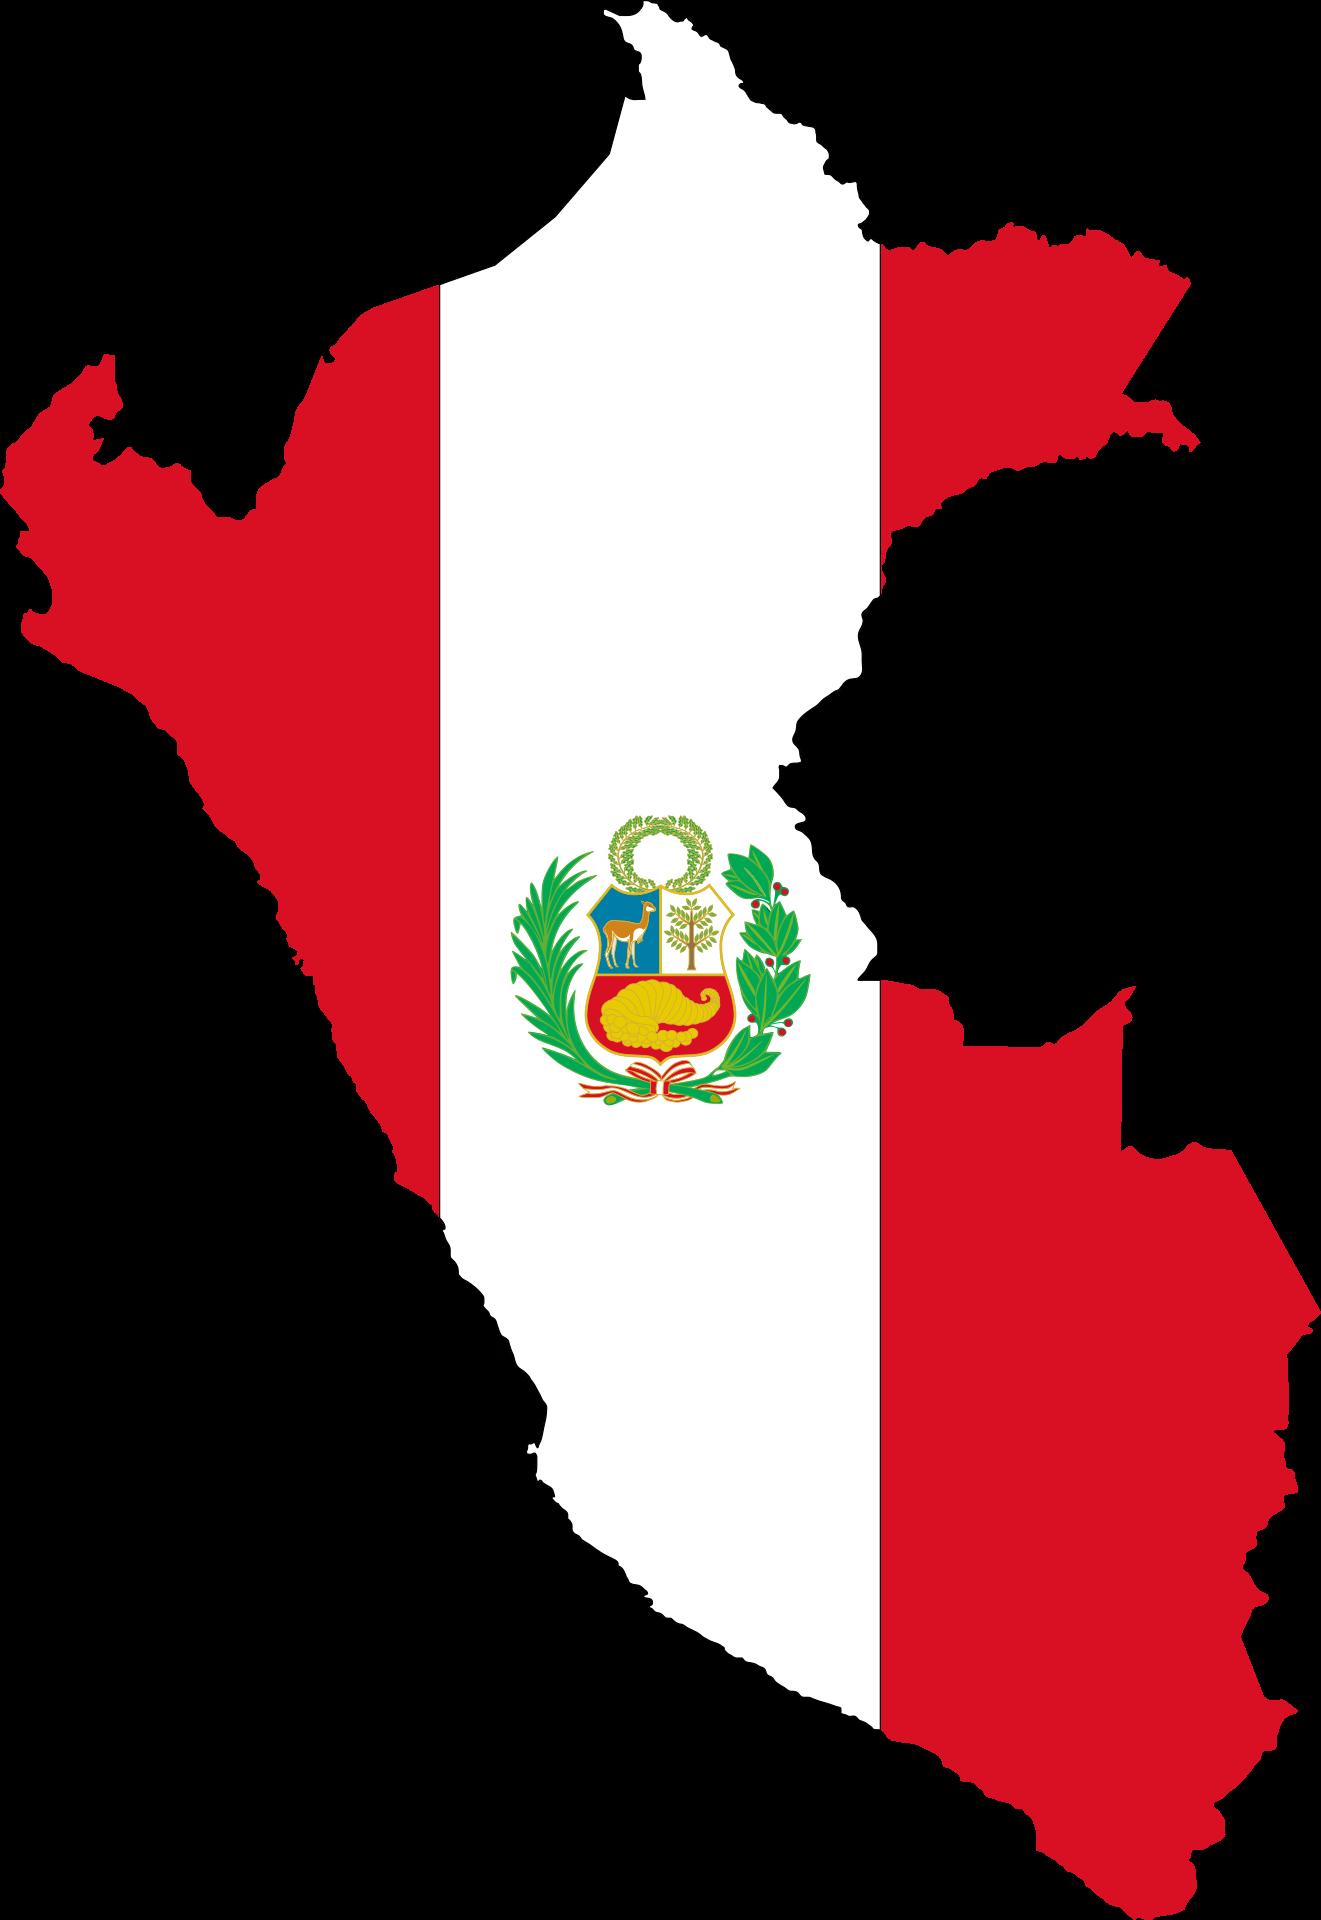 Guía de apuestas deportivas en Perú